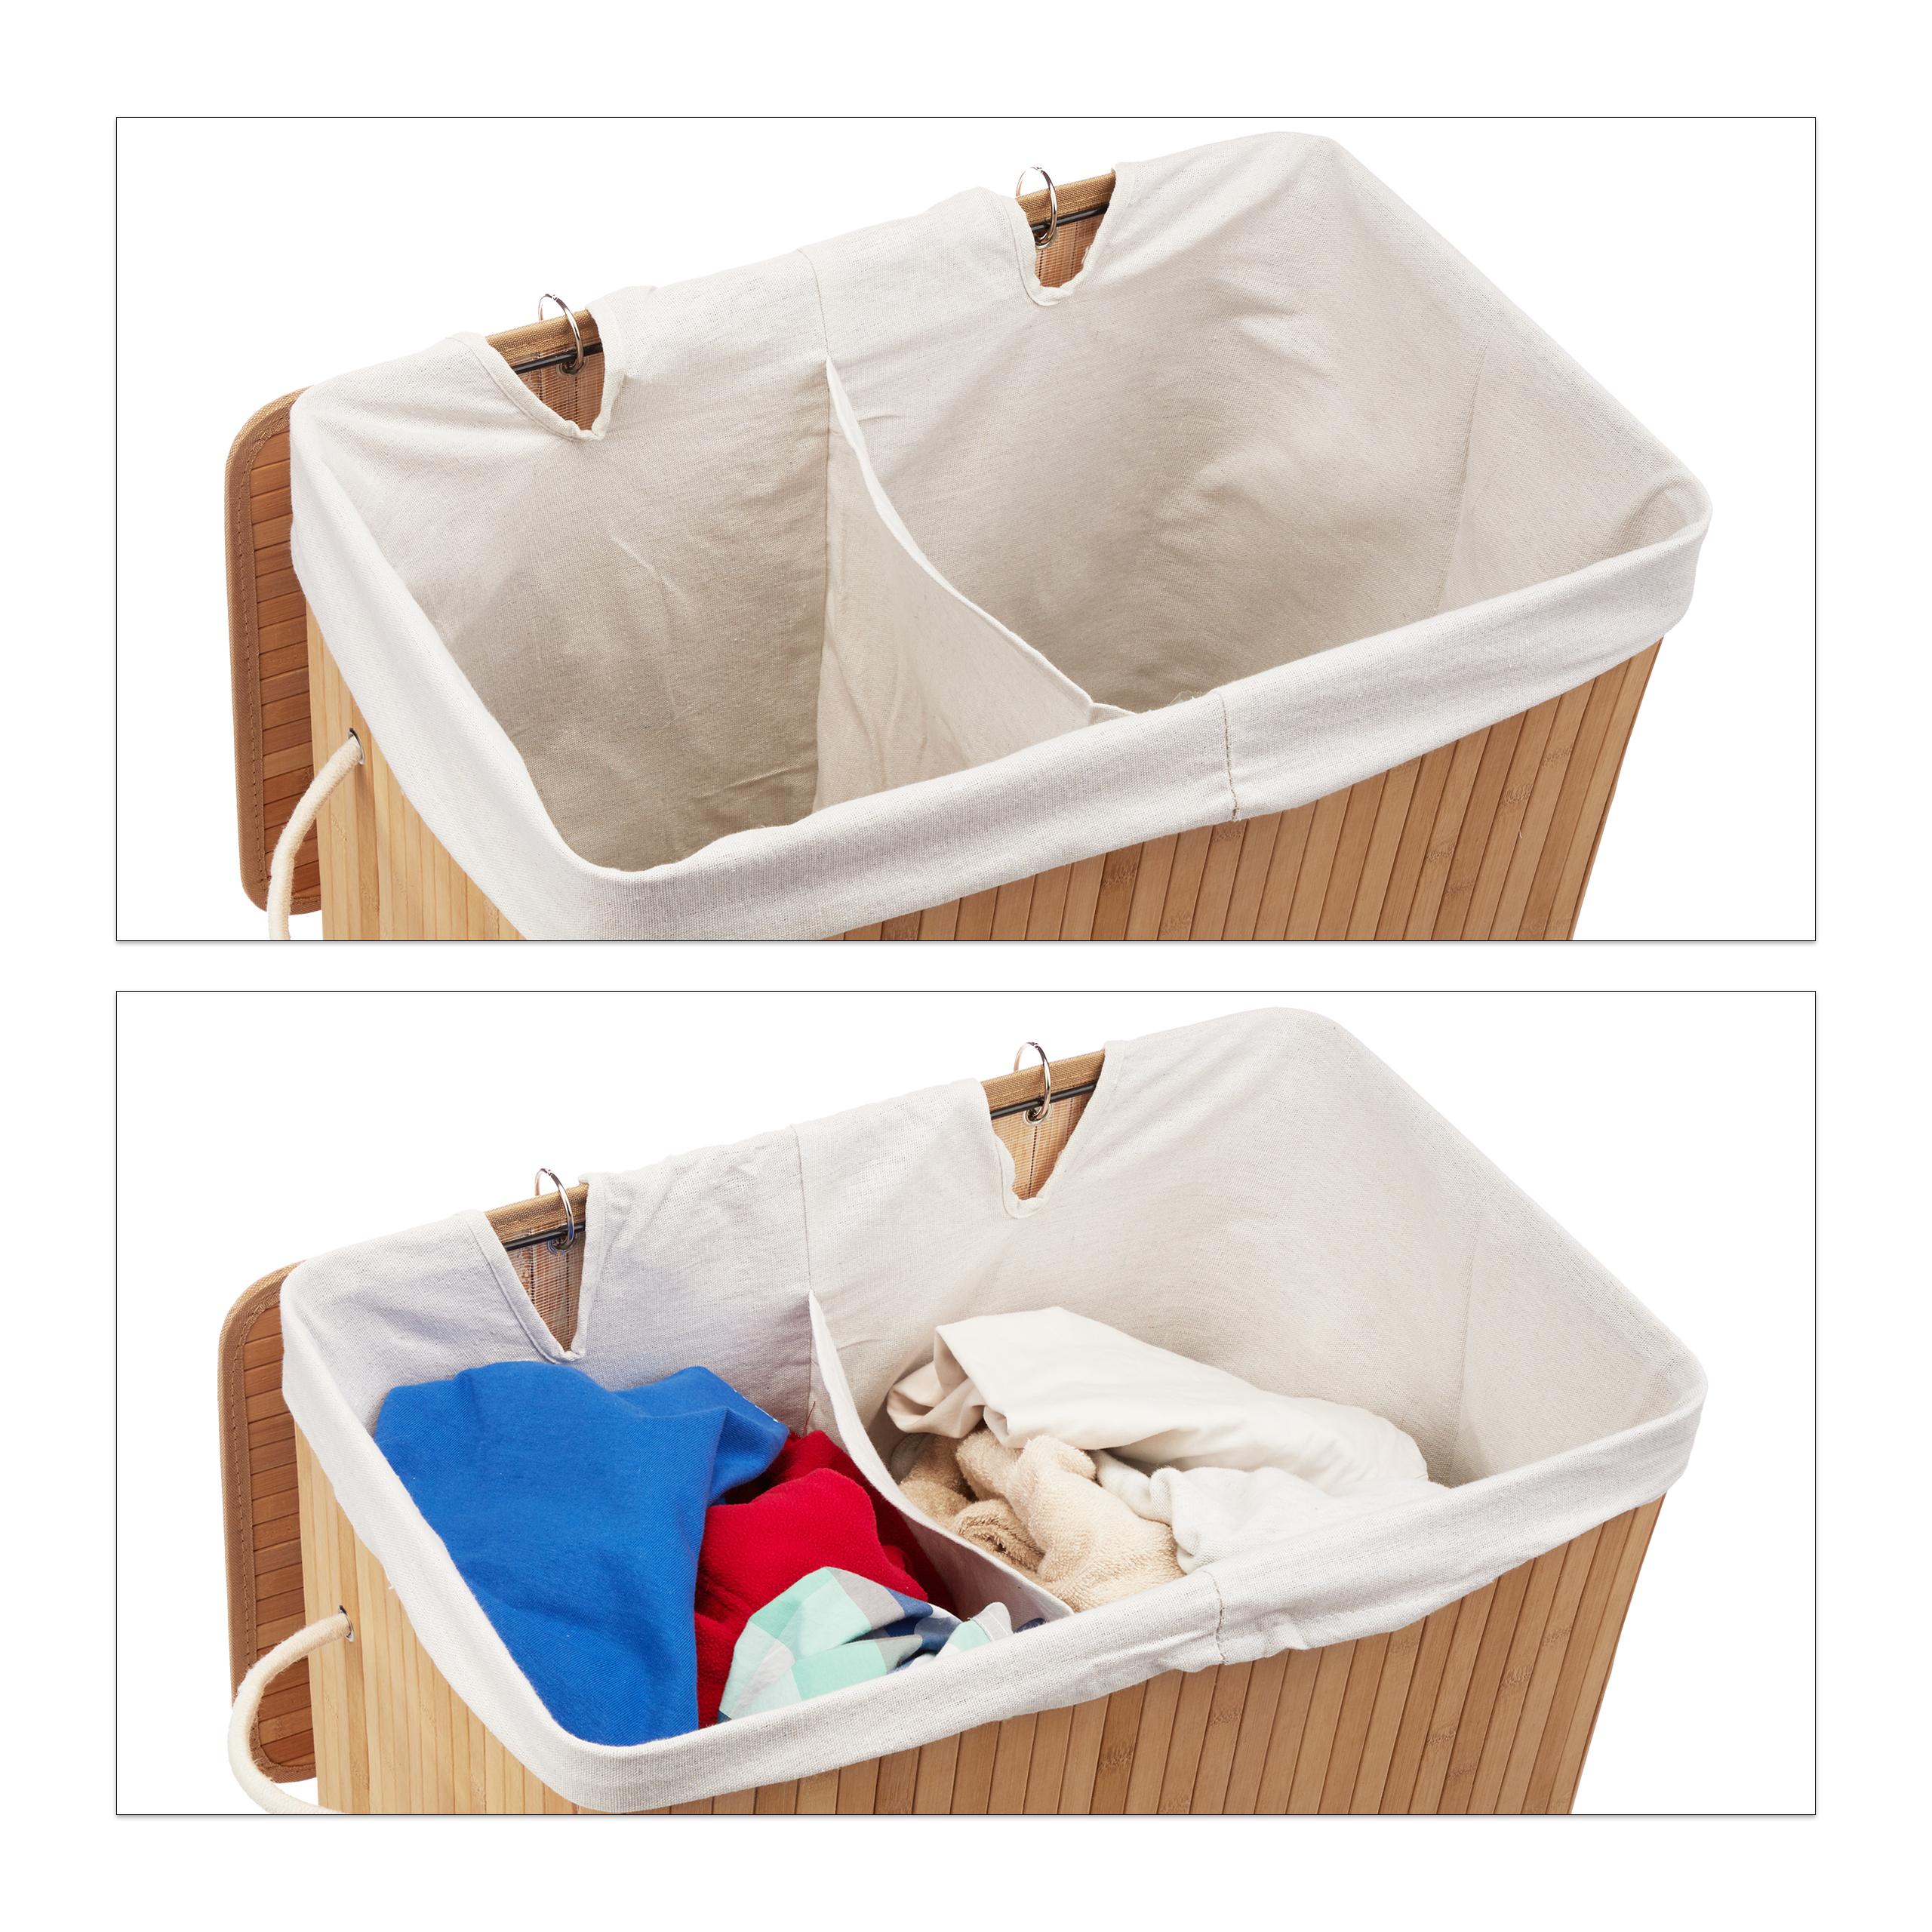 Wäschekorb Wäschesammler Wäschebox Bambus mit 2 Fächern, faltbar, Deckel, eckig eBay ~ 02051540_Wäschekorb Weide Eckig Mit Deckel